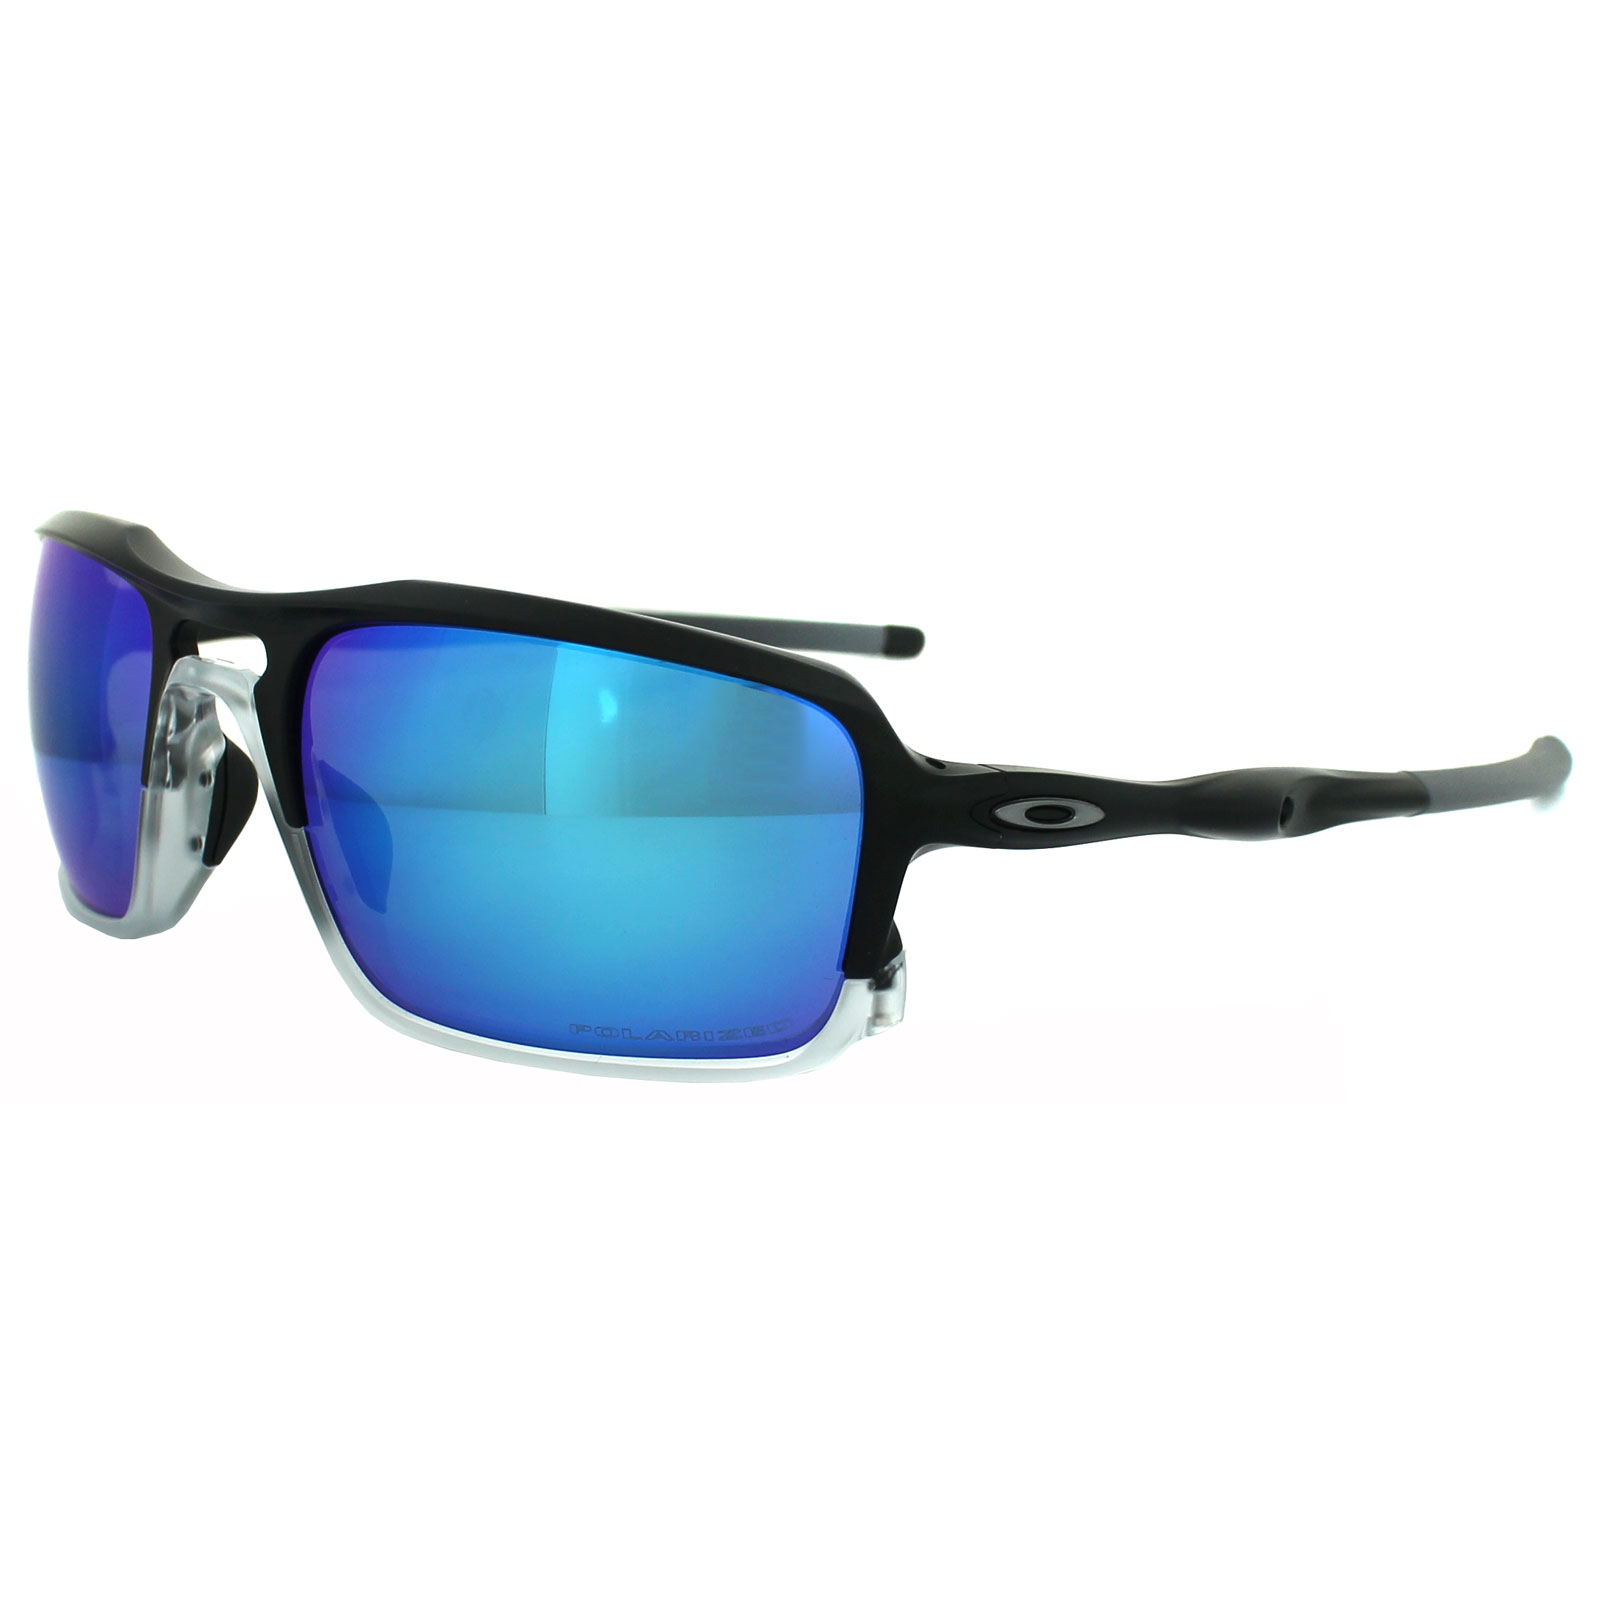 Oakley Triggerman Sonnenbrille Matte Black (Sapphire Iridium mbcLFd